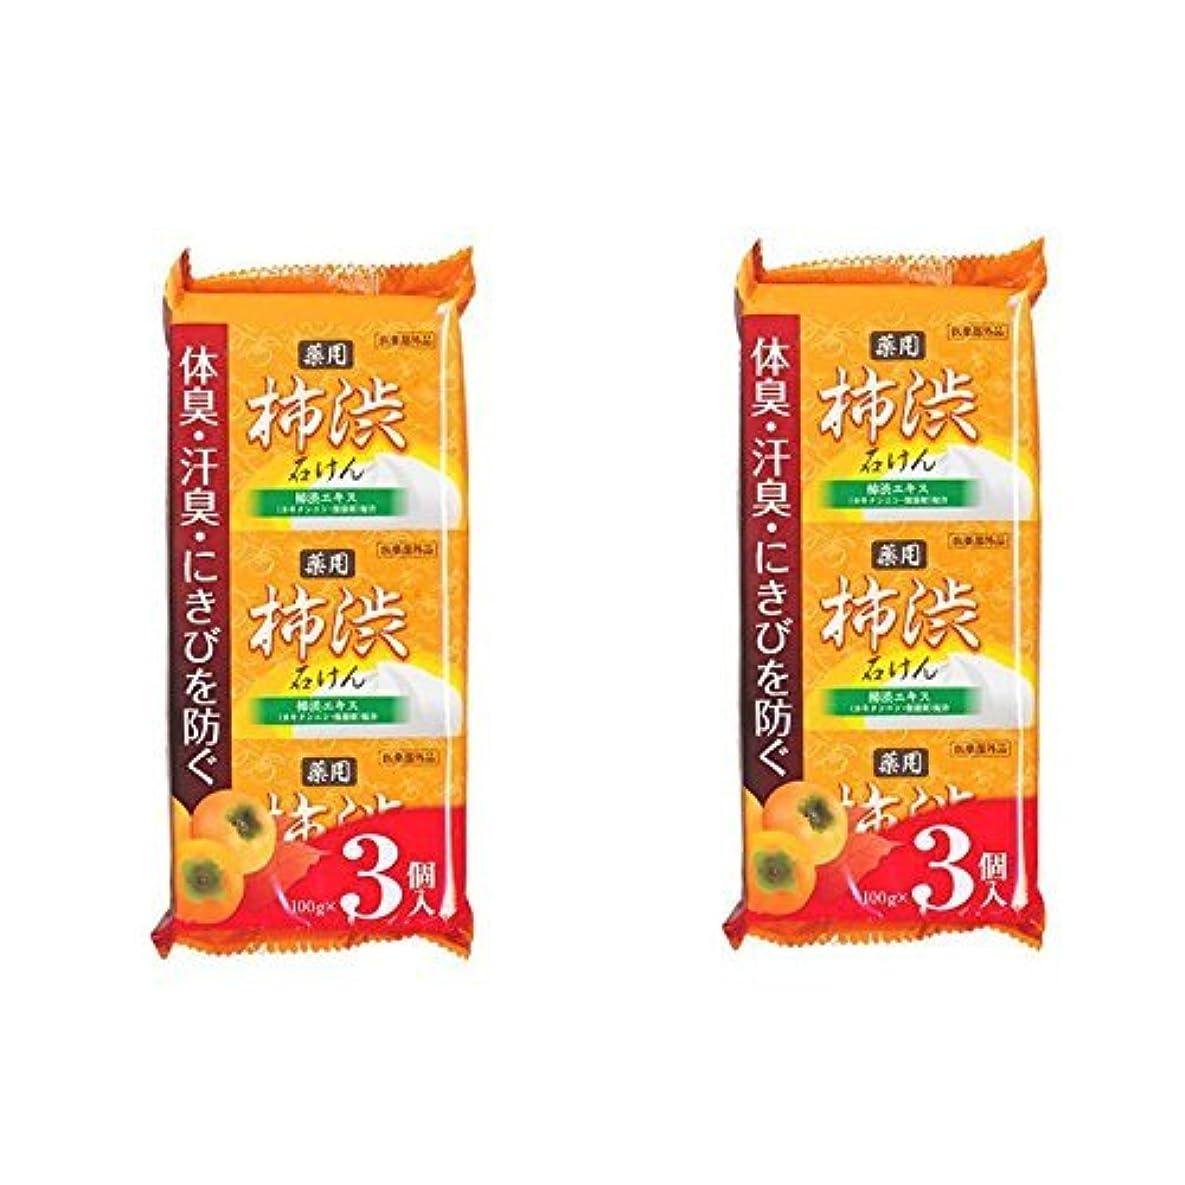 残酷ながらレインコート柿渋石鹸 100g×6個セット(3個入り×2袋) 柿渋エキス カキタンニン?保湿剤配合